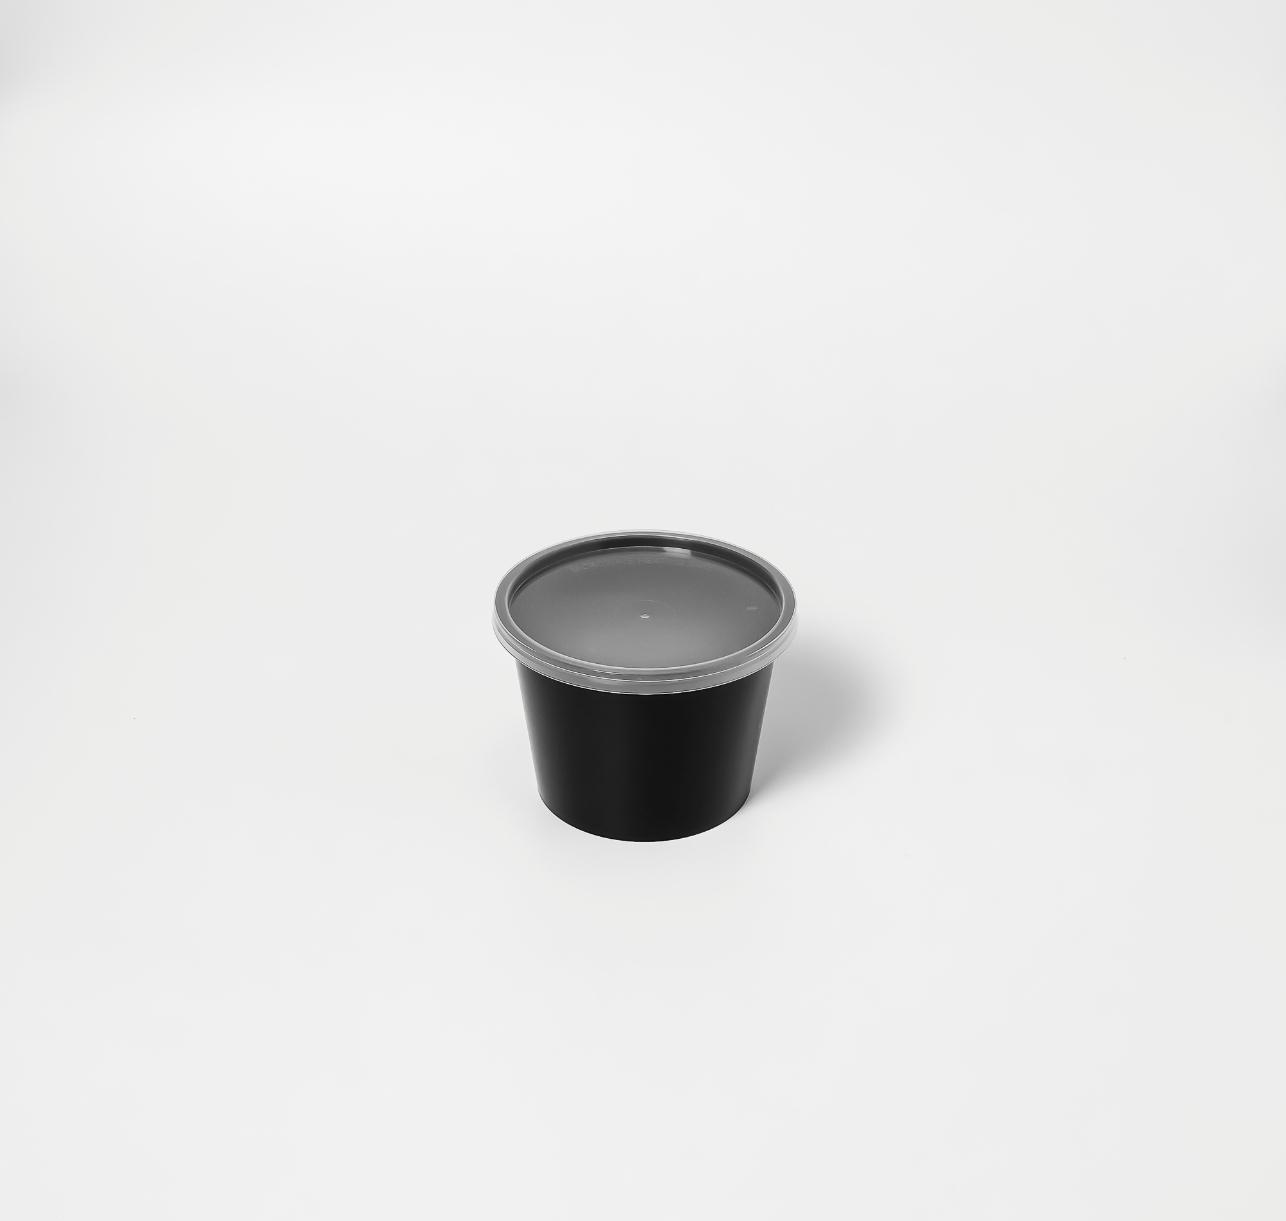 กล่องอาหารพลาสติกกลม premium 20oz